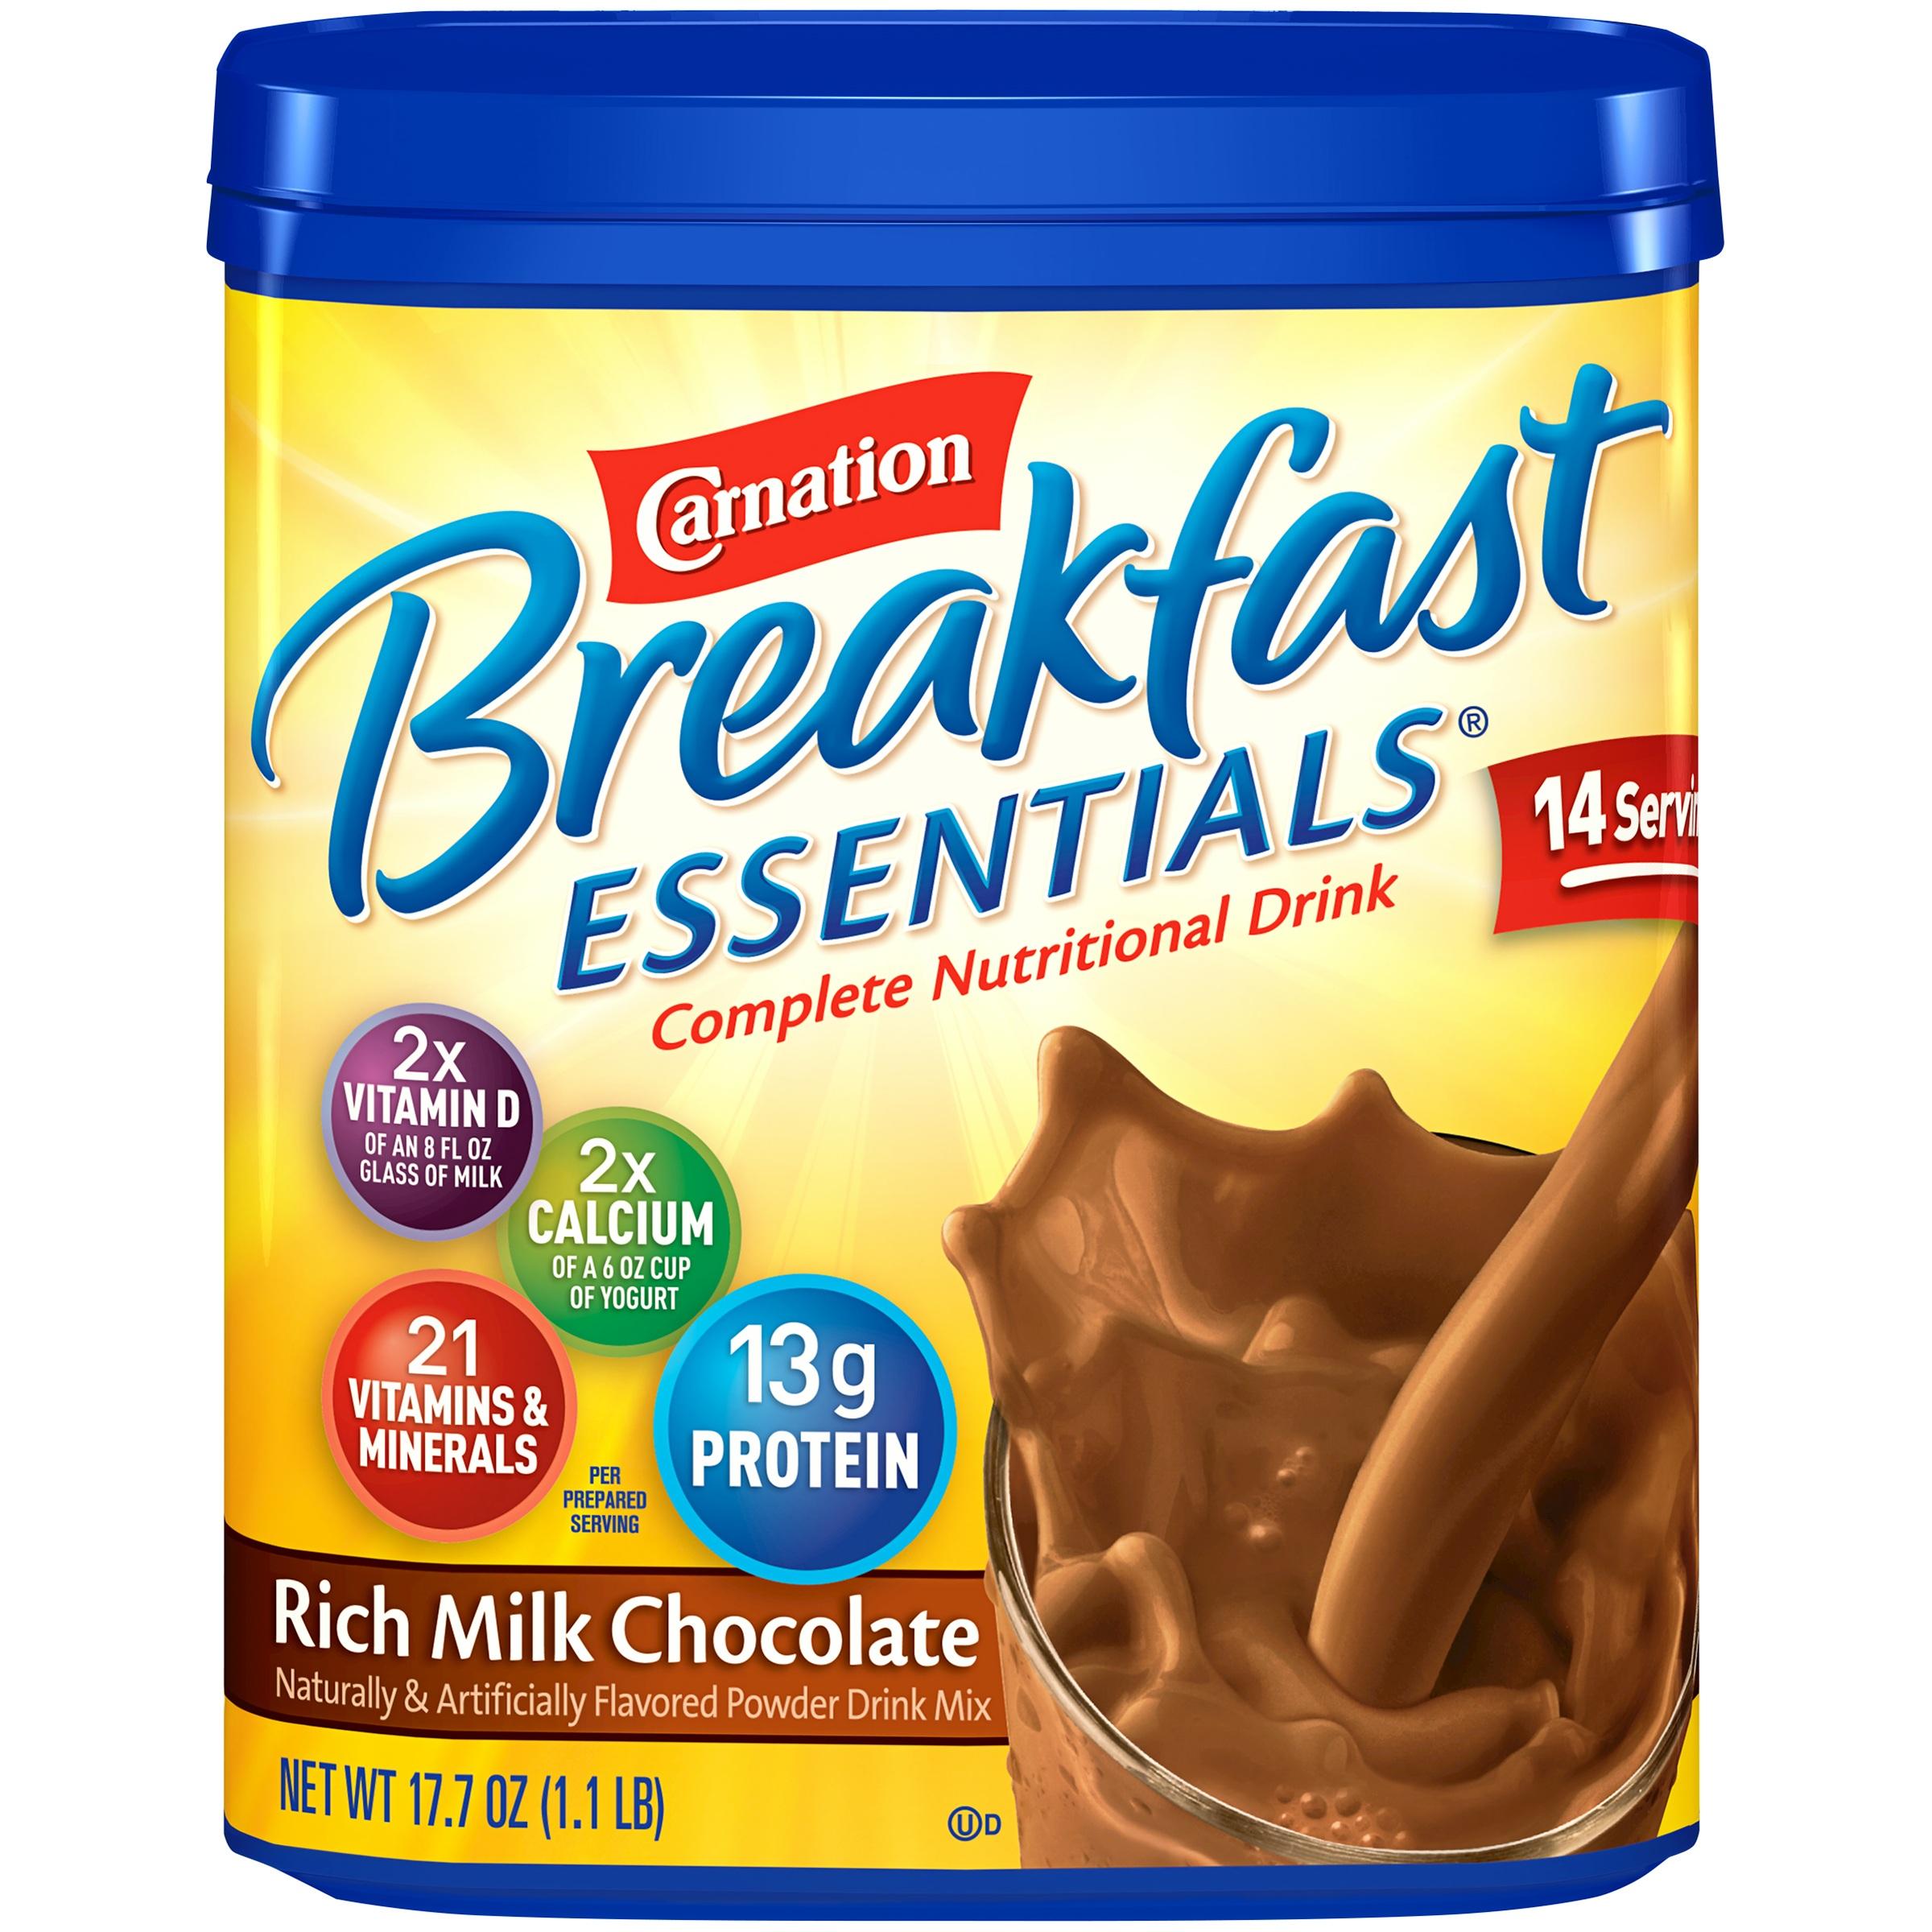 Carnation Breakfast Essentials Powder Drink Mix, Rich Milk Chocolate, 17.7 oz Canister